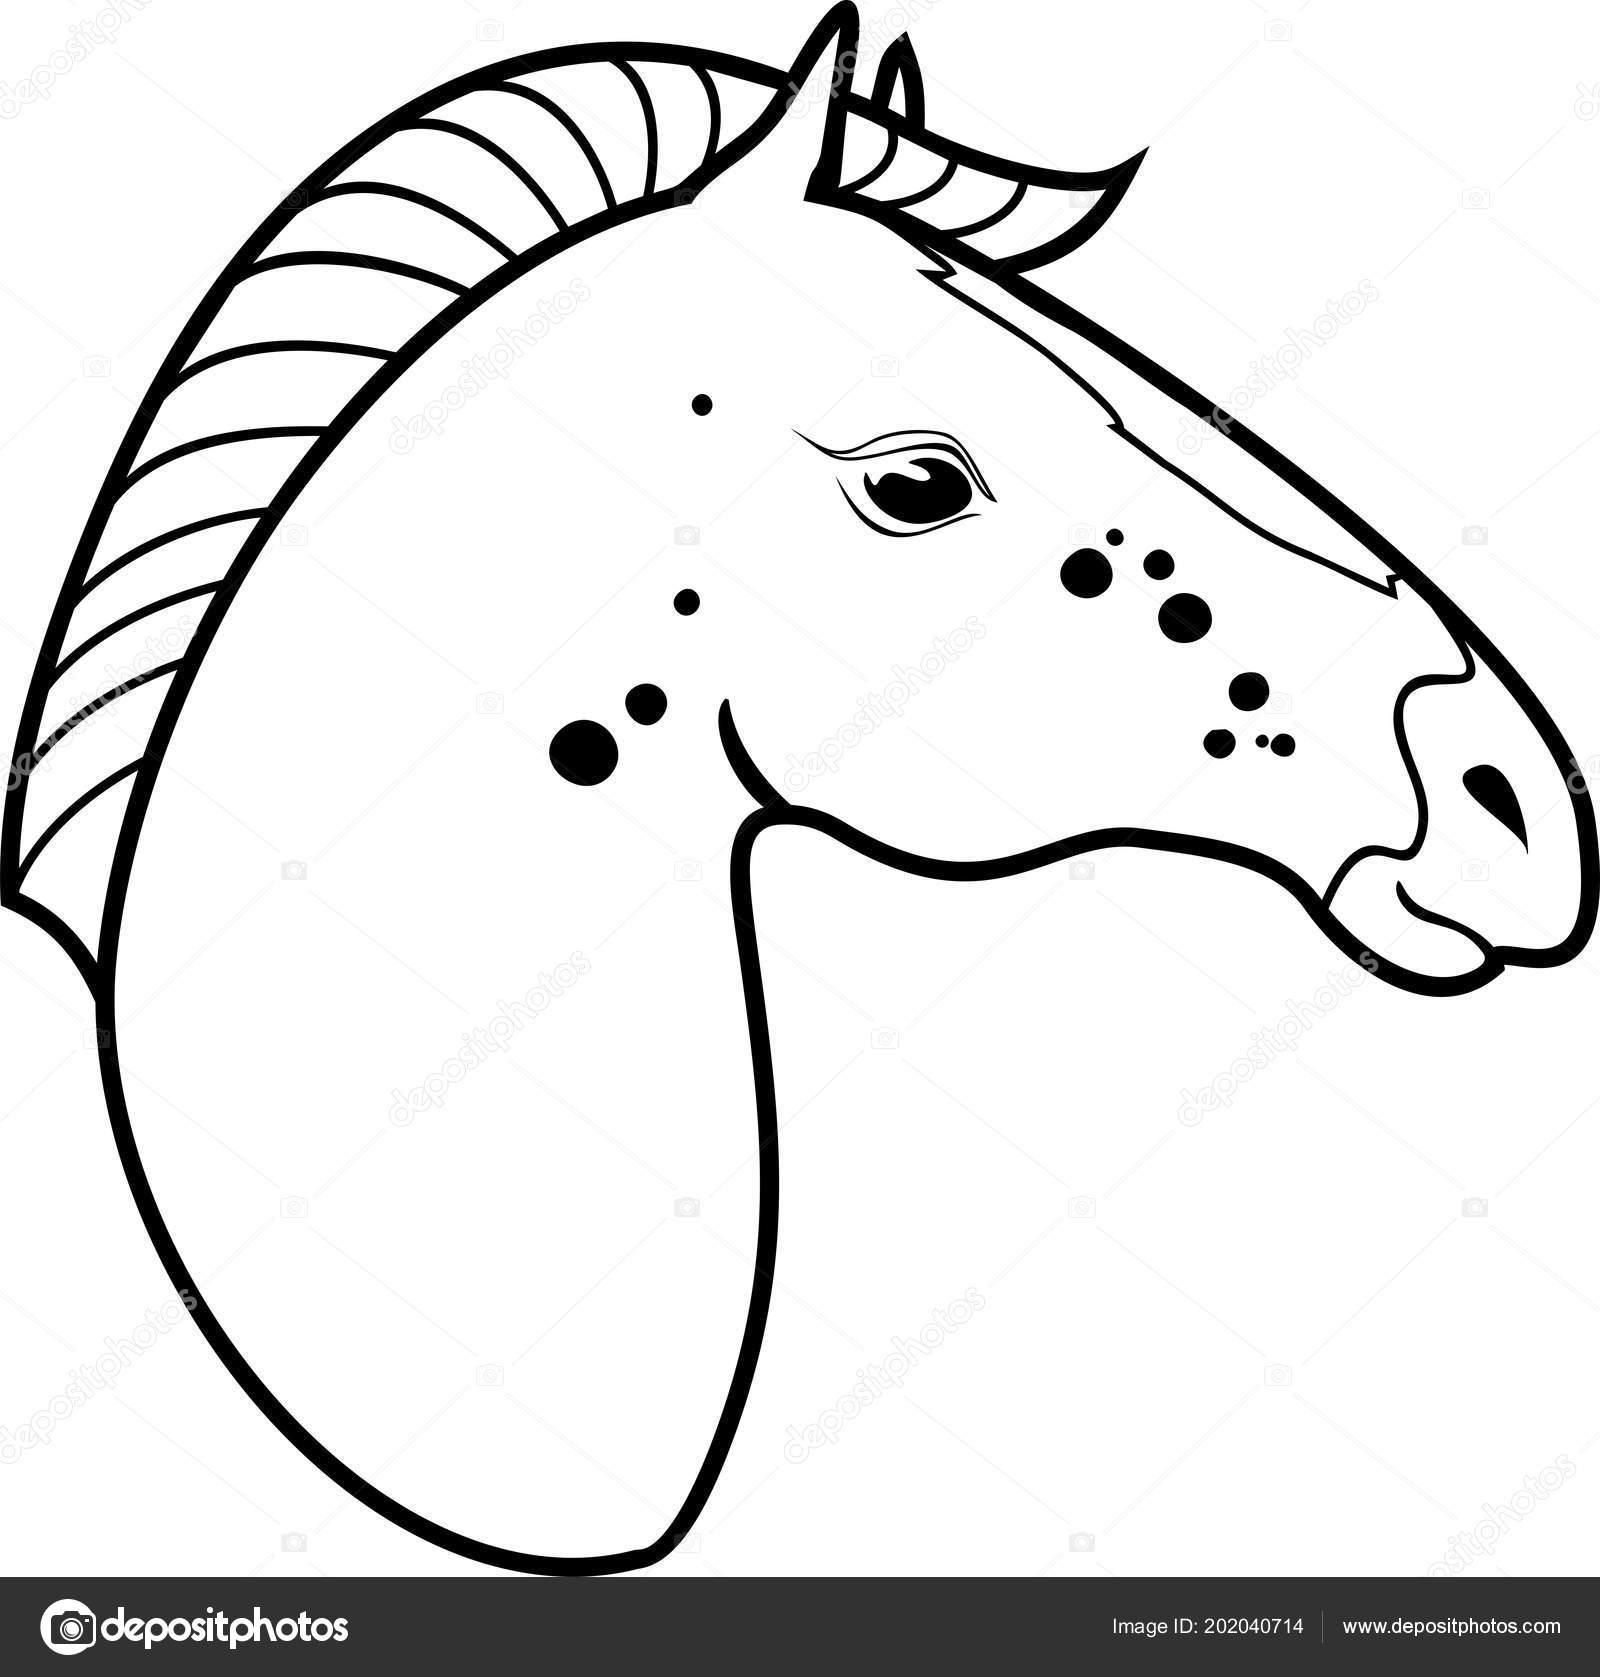 Pferdekopf Malvorlagen Stockvektor Mariaflaya 202040714